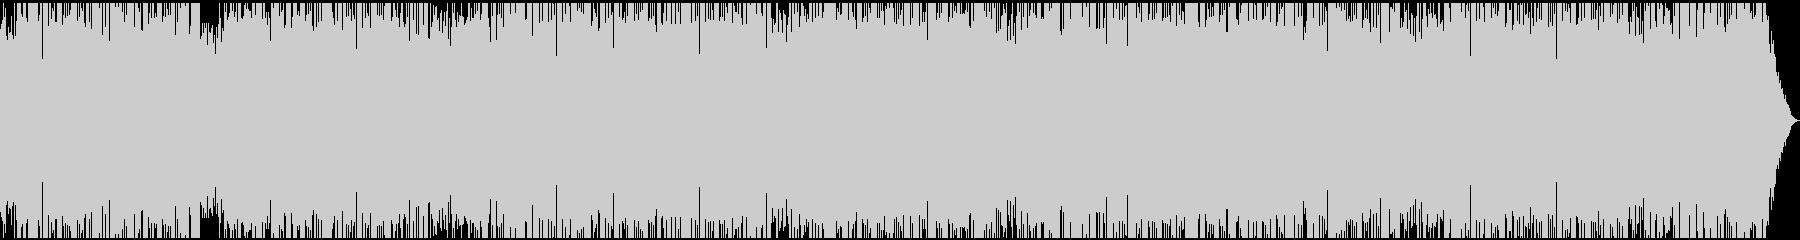 オープニング向き、軽快なBGM(ロング)の未再生の波形